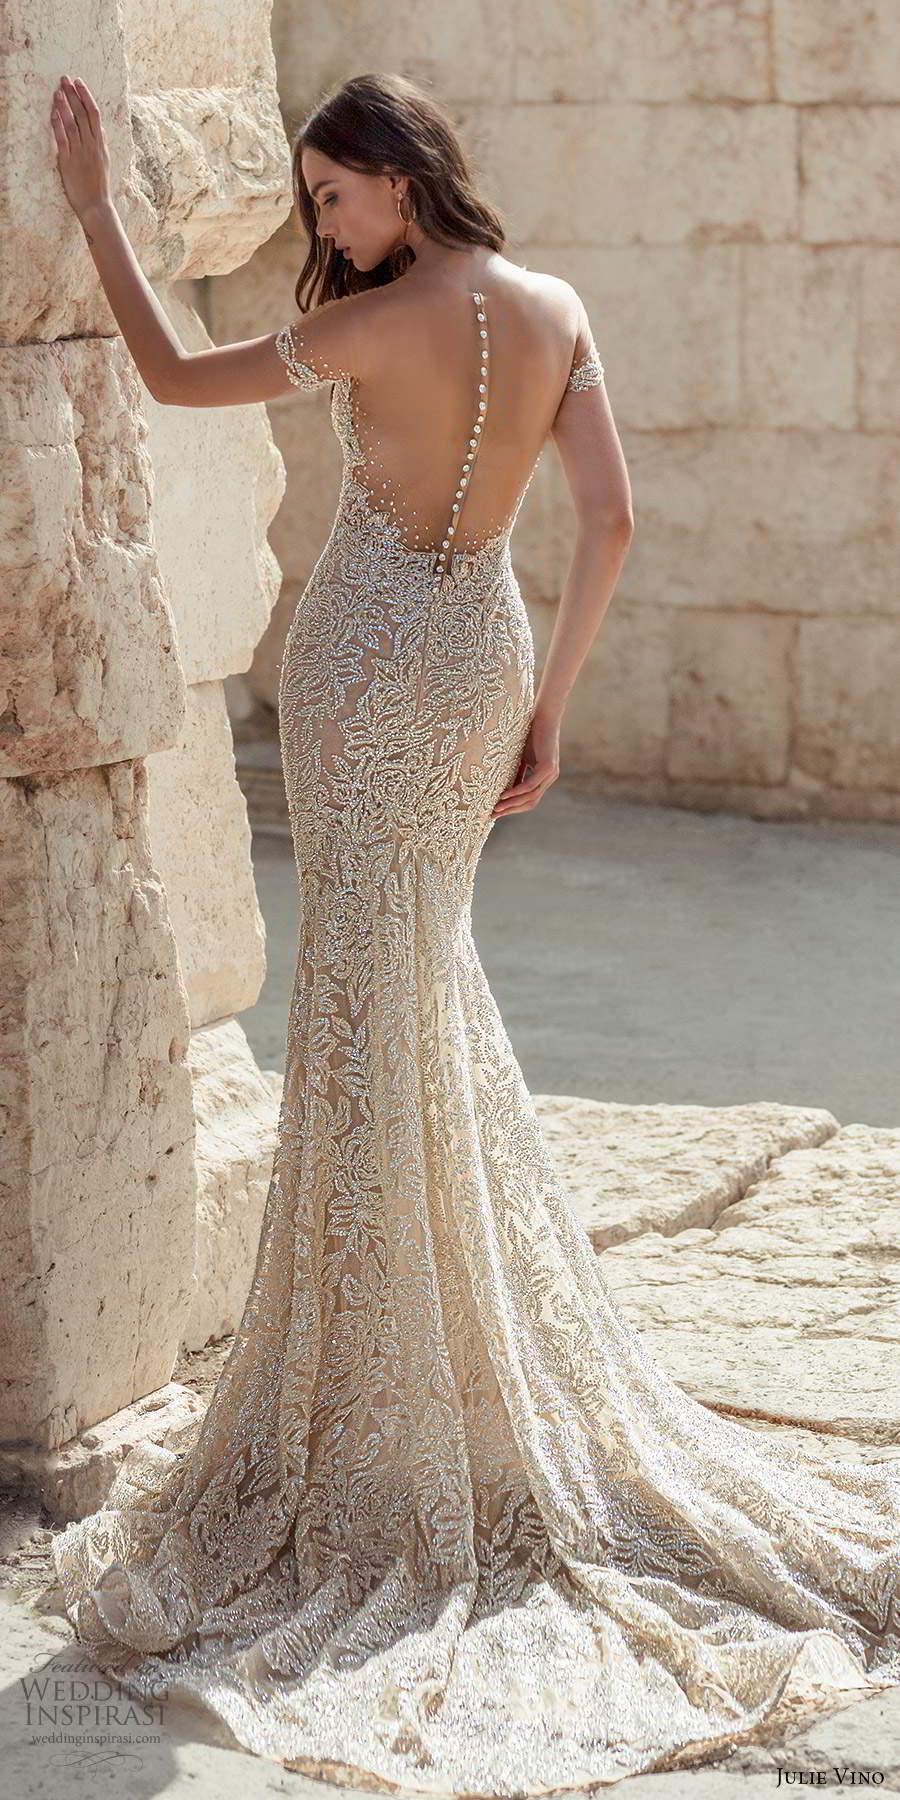 julie vino 2021 bridal off shoulder straps plunging sweetheart neckline fully embellished sheath wedding dress chapel train sheer back (2) lbv